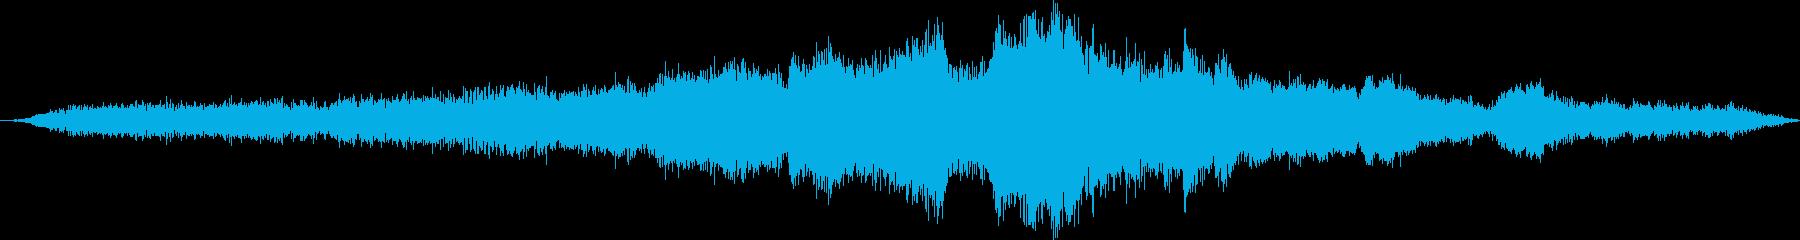 大型アーススクレーパー:Ext:P...の再生済みの波形